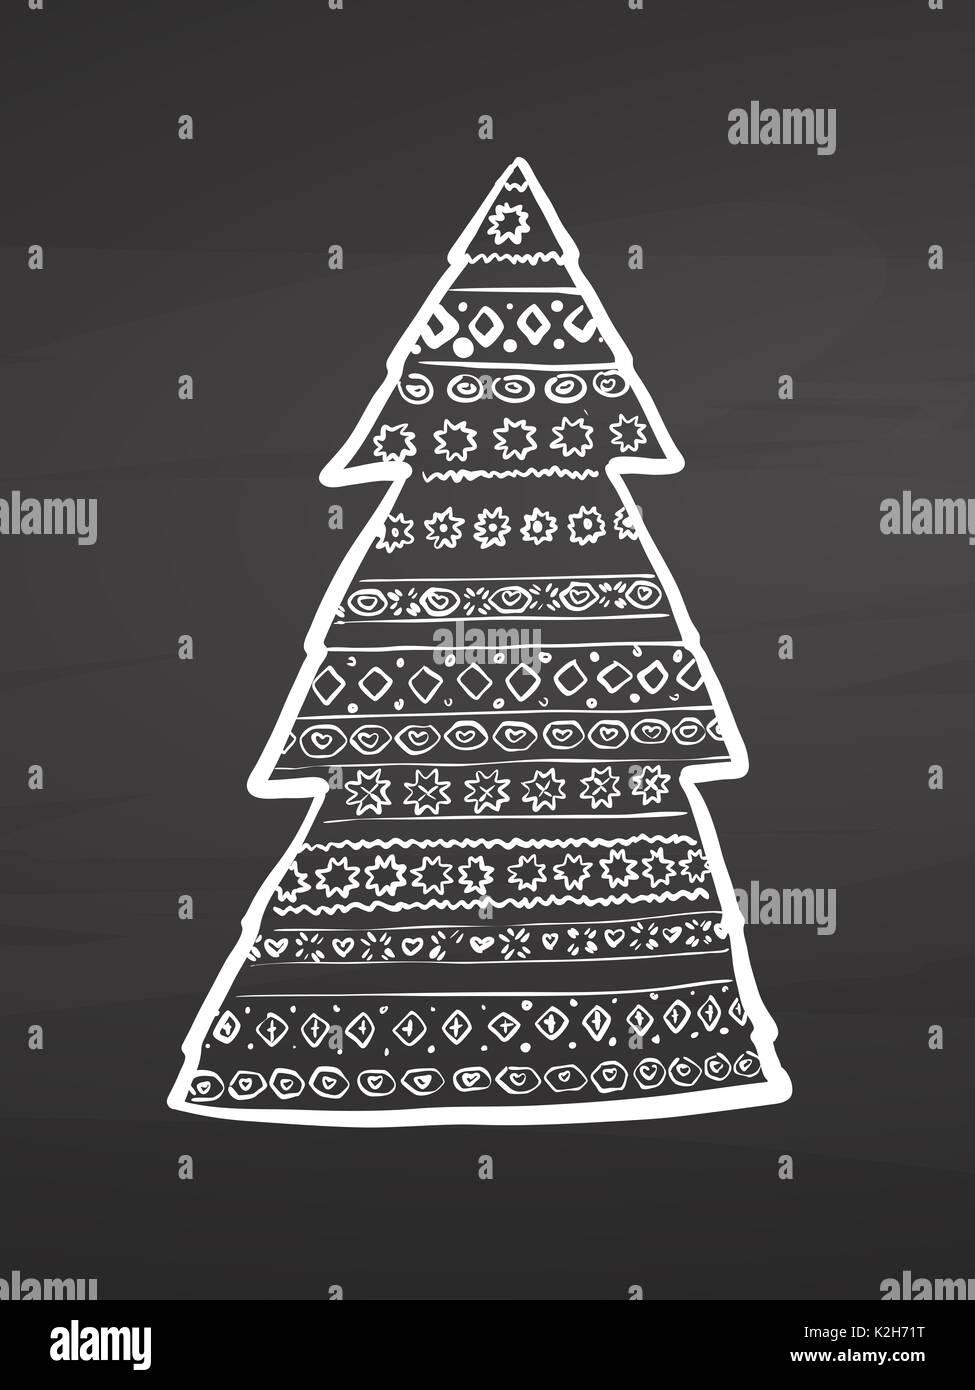 árbol De Navidad Dibujos En Pizarra Dibujo Vectorial Handdrawn